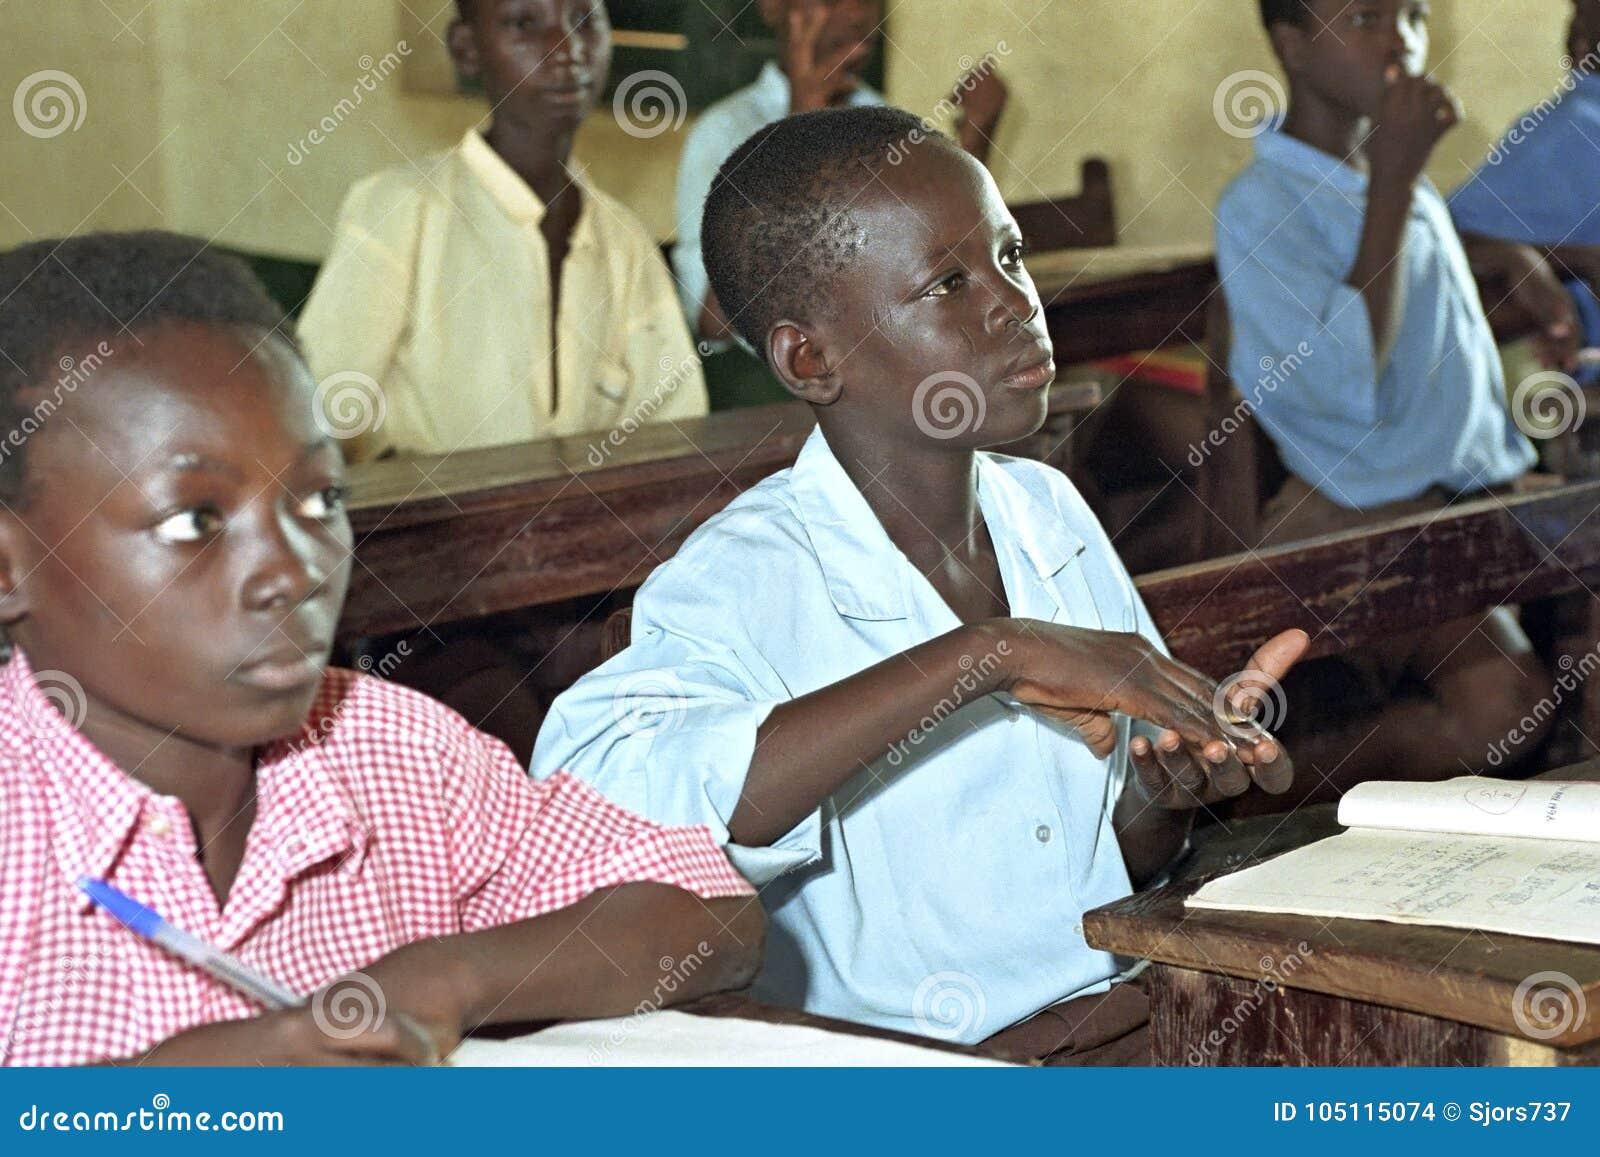 Образование для глухих детей в языке жестов